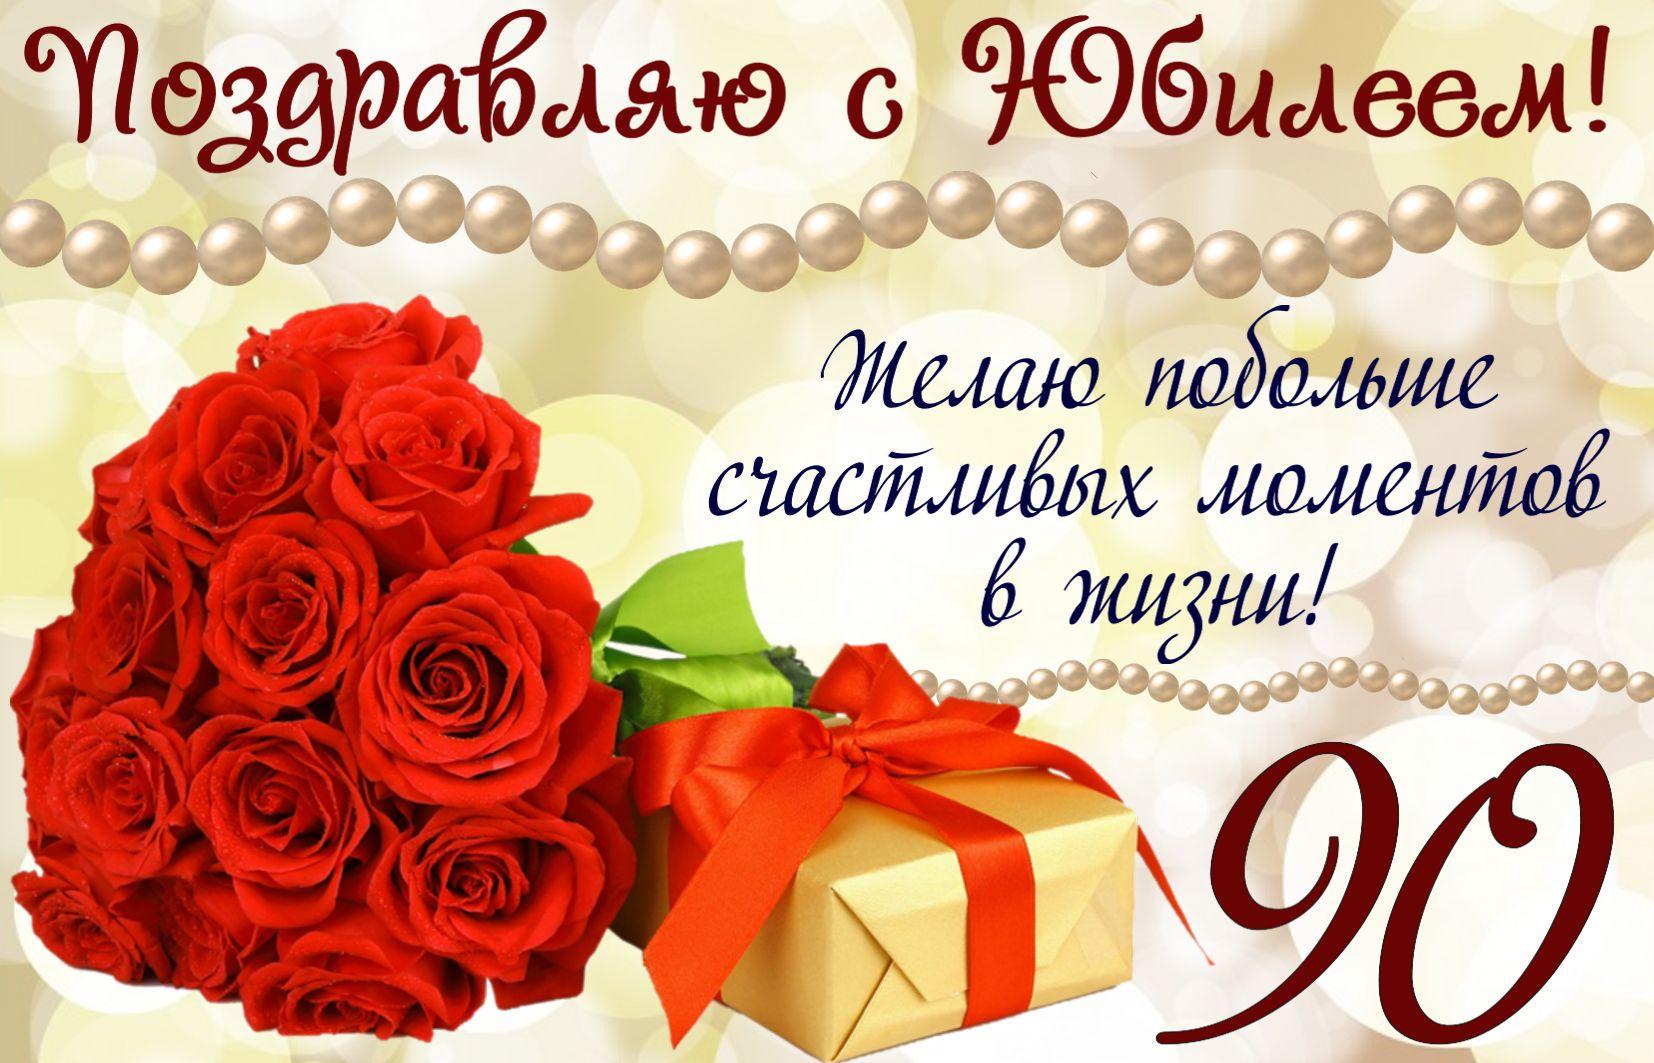 Открытка с розами и подарком на юбилей 90 лет